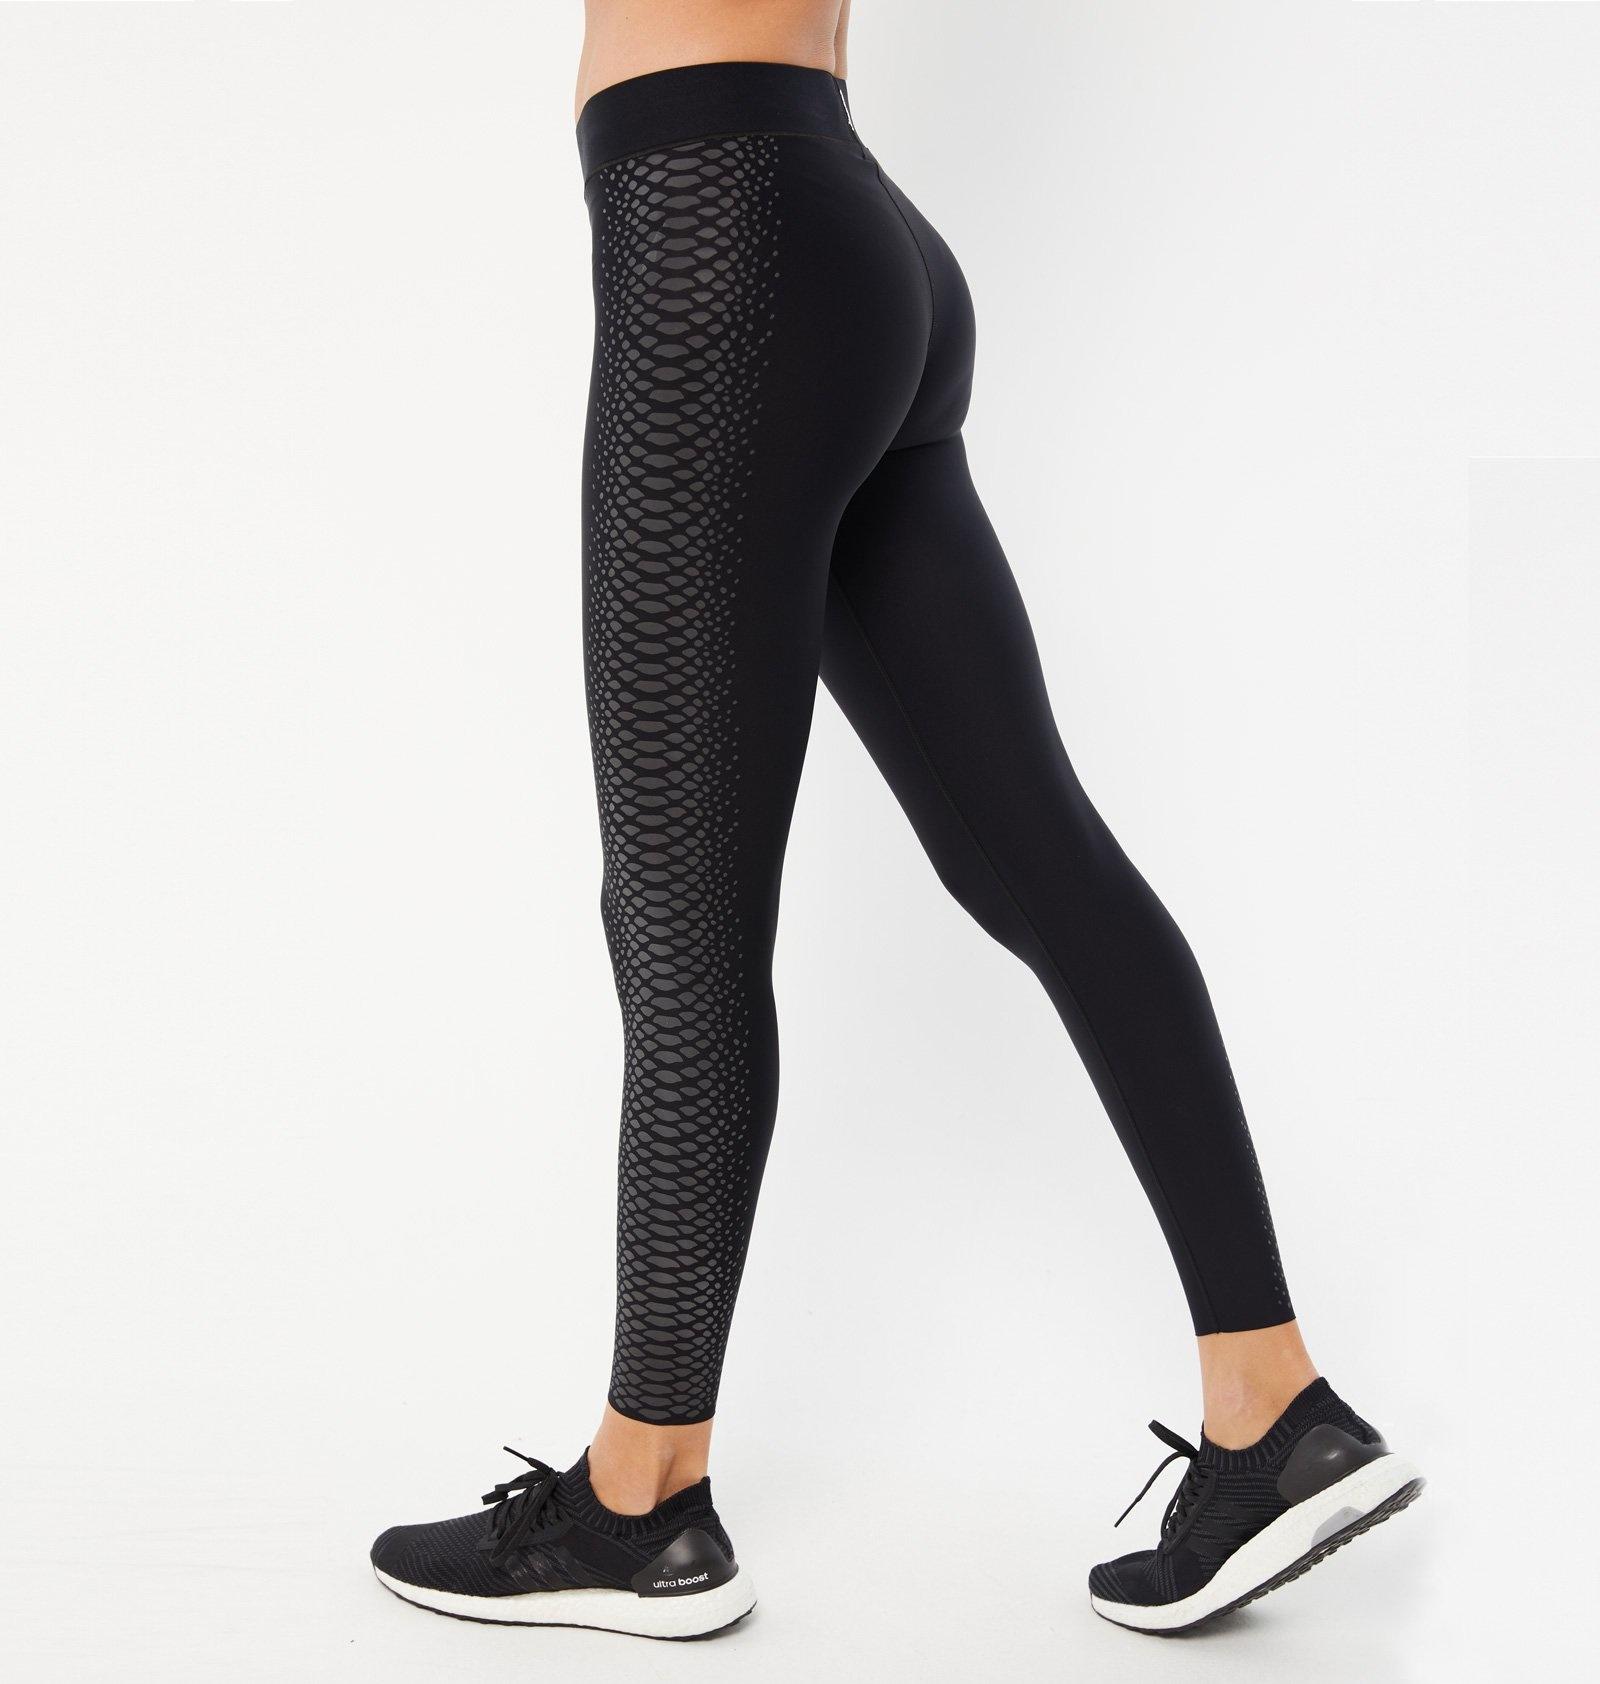 Ultracor Ultra High Boa Legging Nero Graphite